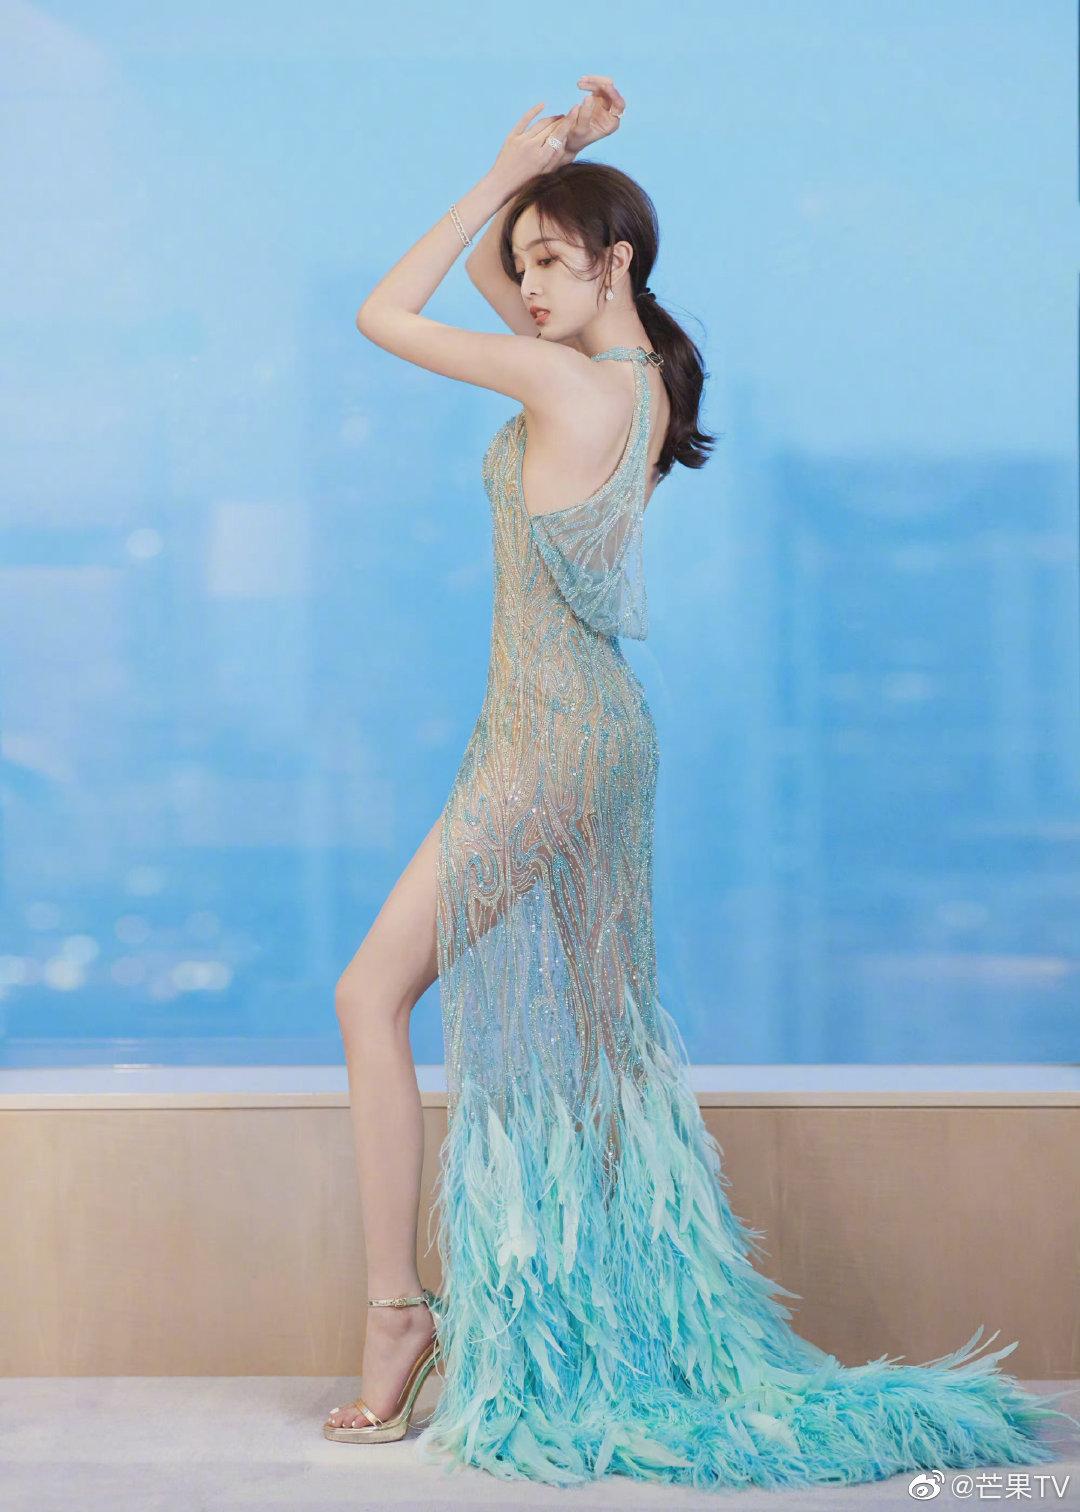 吴宣仪 透视羽毛裙 红毯秀